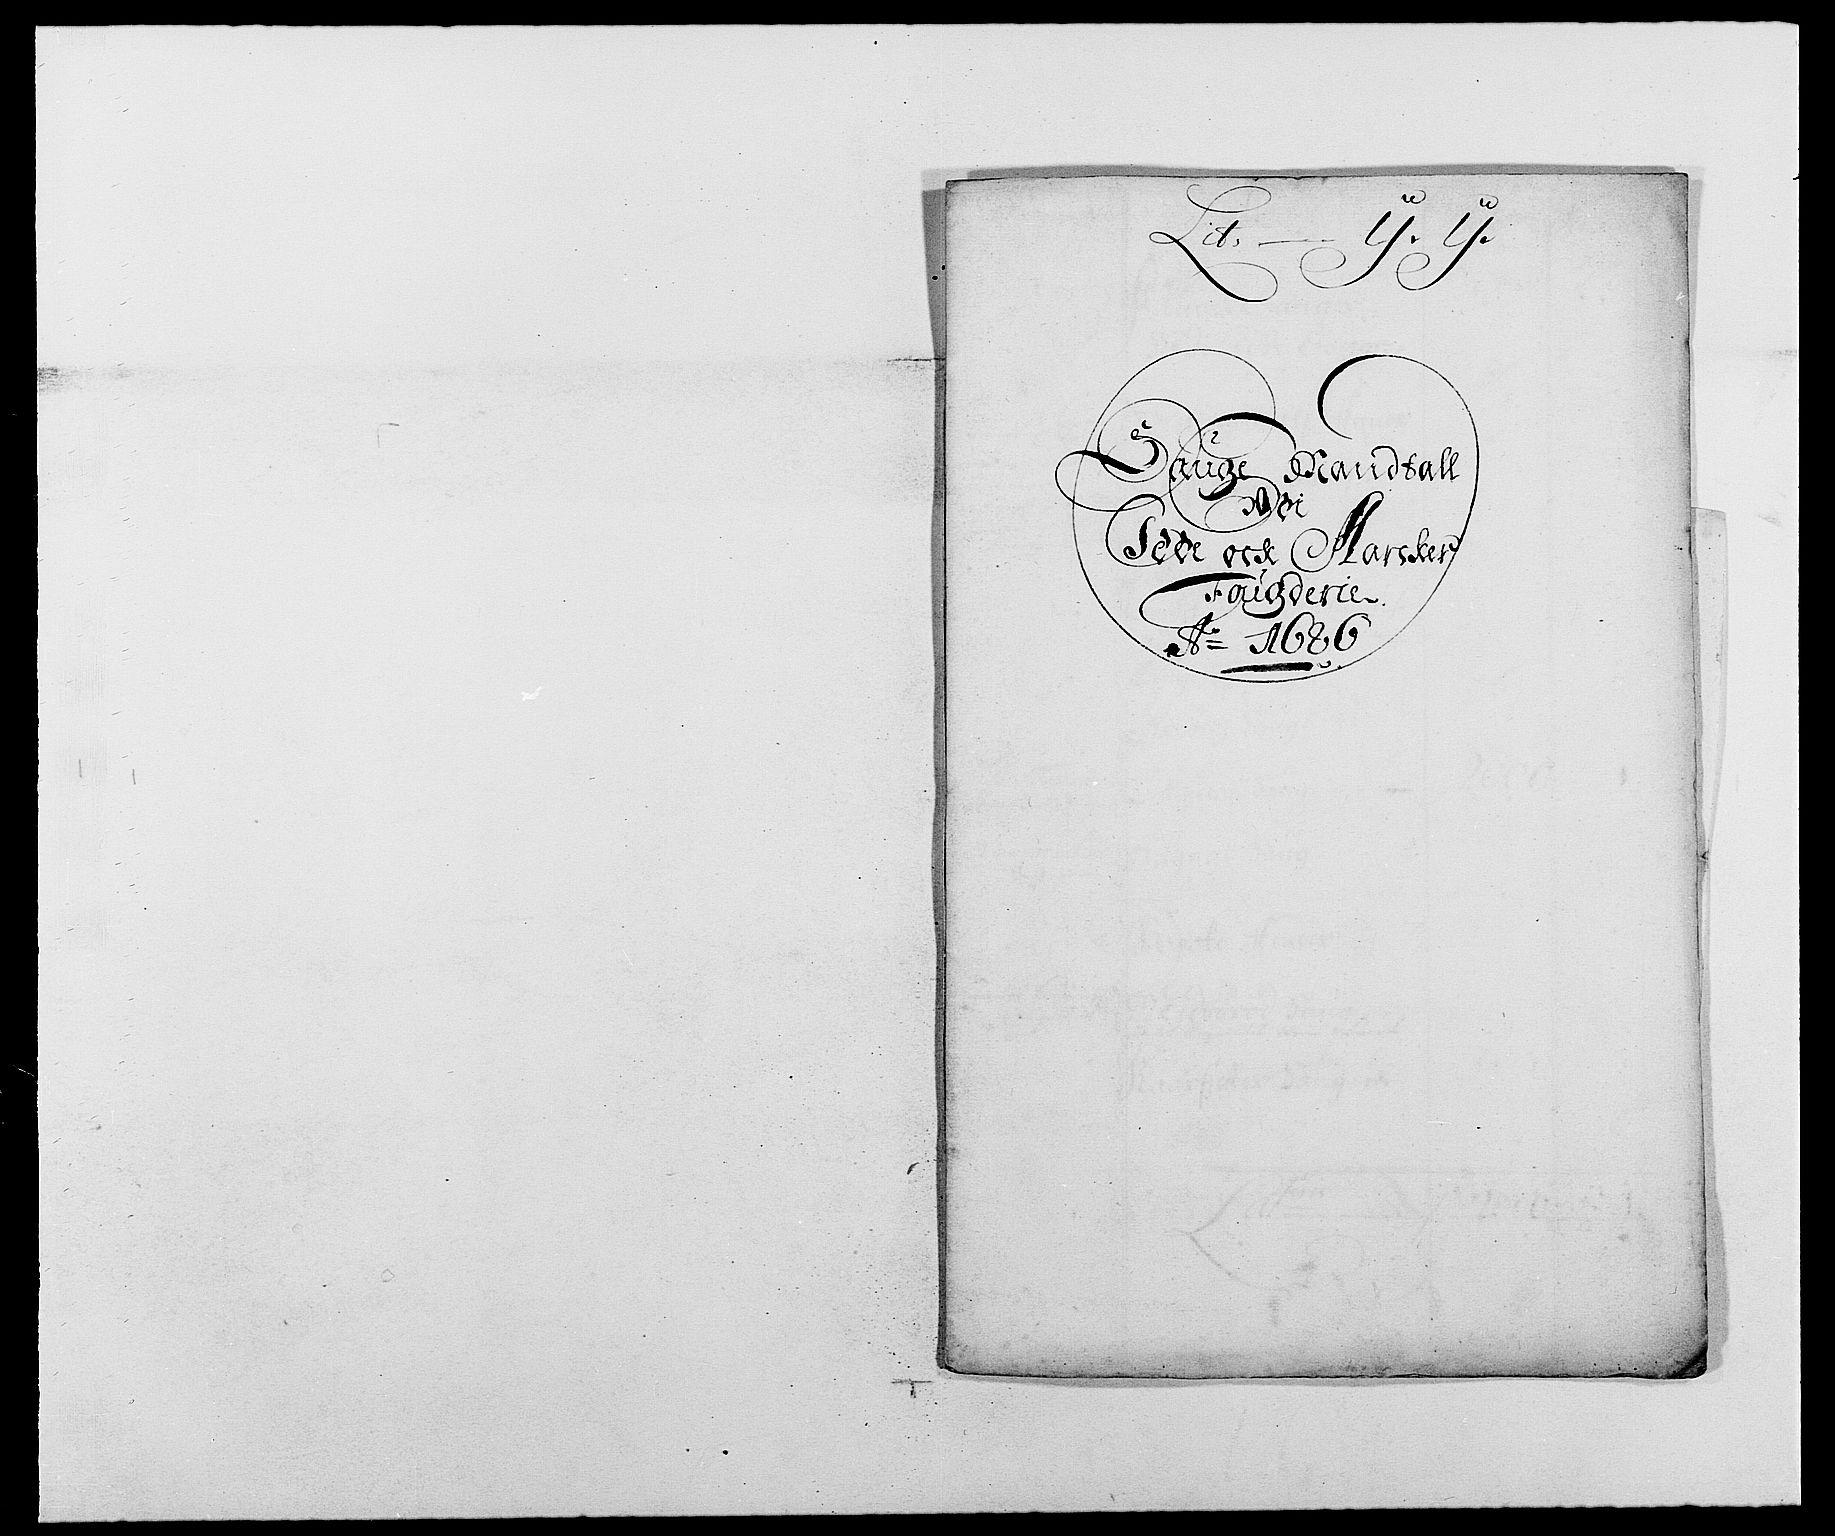 RA, Rentekammeret inntil 1814, Reviderte regnskaper, Fogderegnskap, R01/L0006: Fogderegnskap Idd og Marker, 1685-1686, s. 347